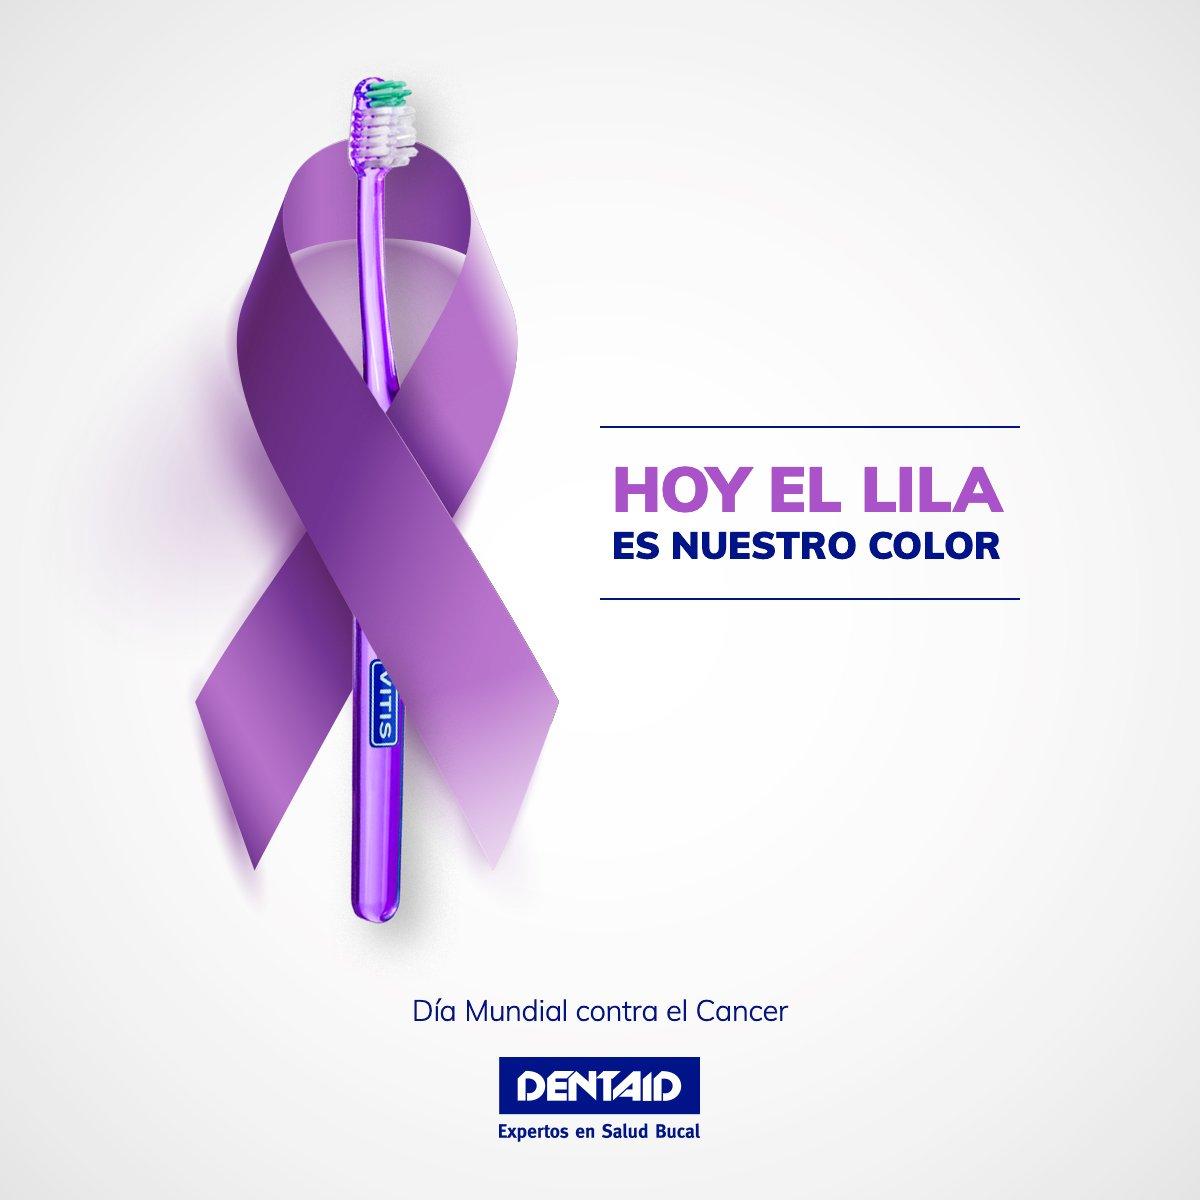 Cancer bucal en latinoamerica - Cancer bucal dia latinoamericano Cancer que dia es